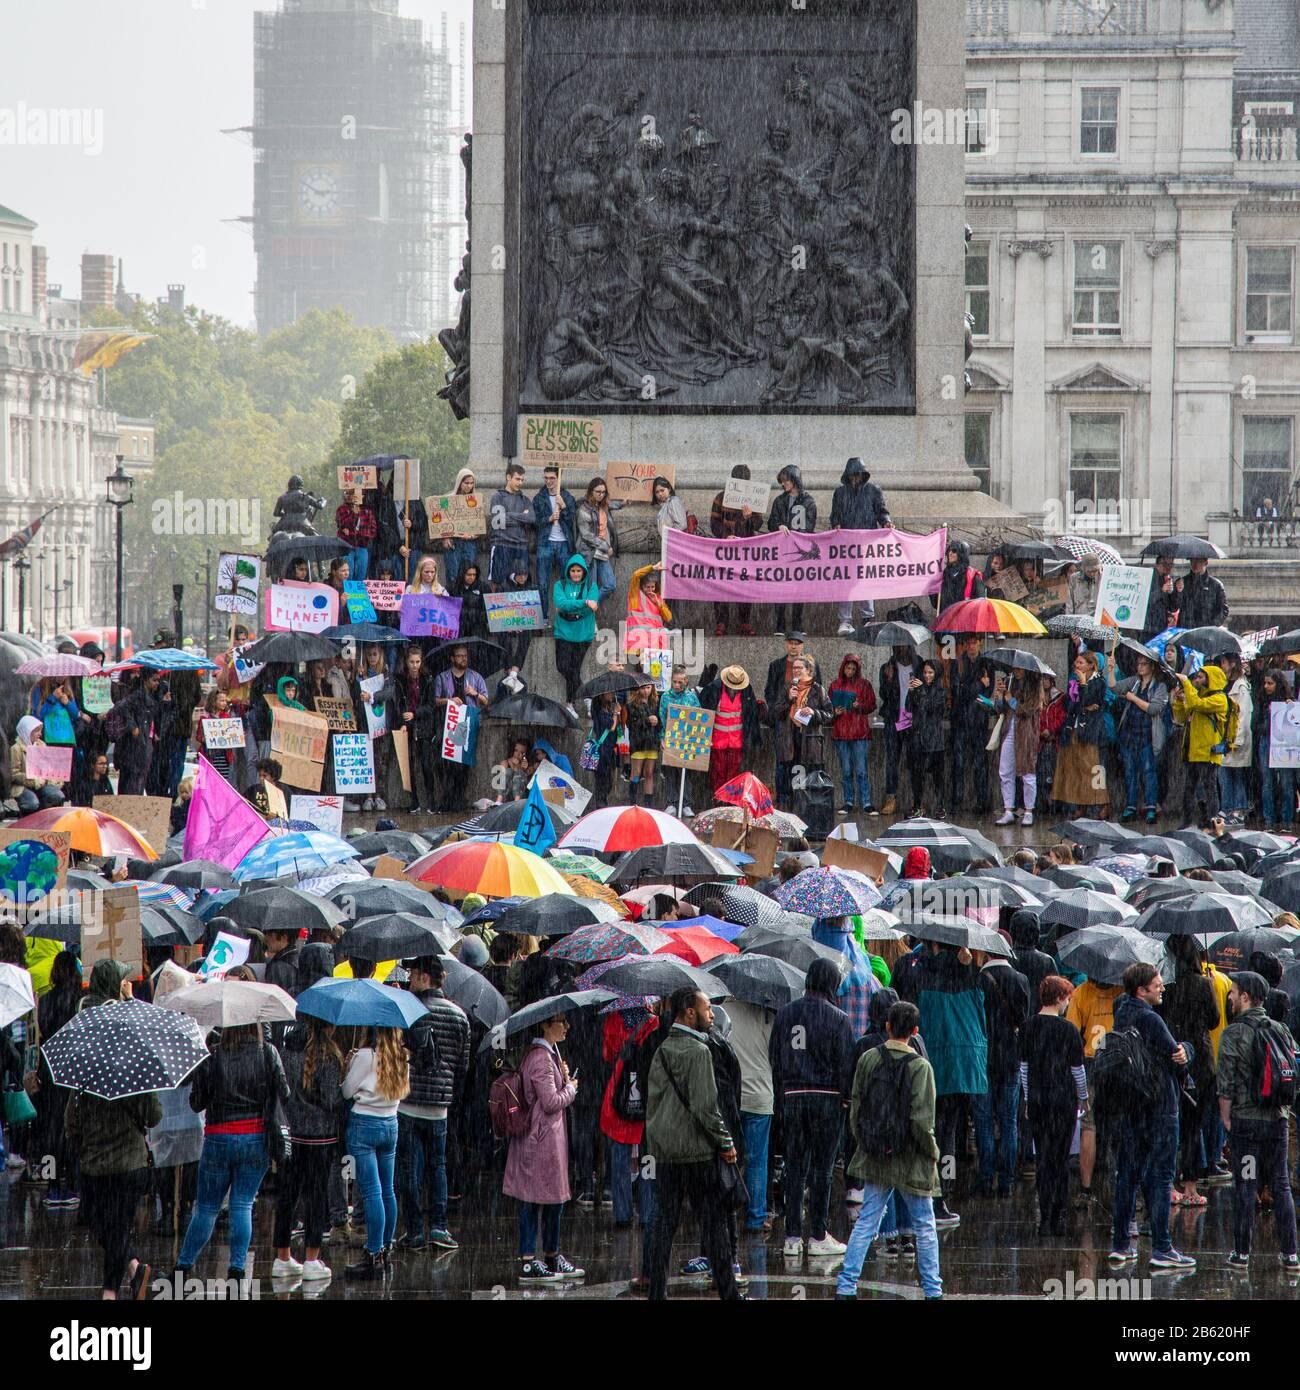 Londres, Angleterre, Royaume-Uni - 27 septembre 2019 : les manifestants se rassemblent dans le rail pour un vendredi Pour la Future manifestation sur le climat à Trafalgar Squar à Londres Banque D'Images